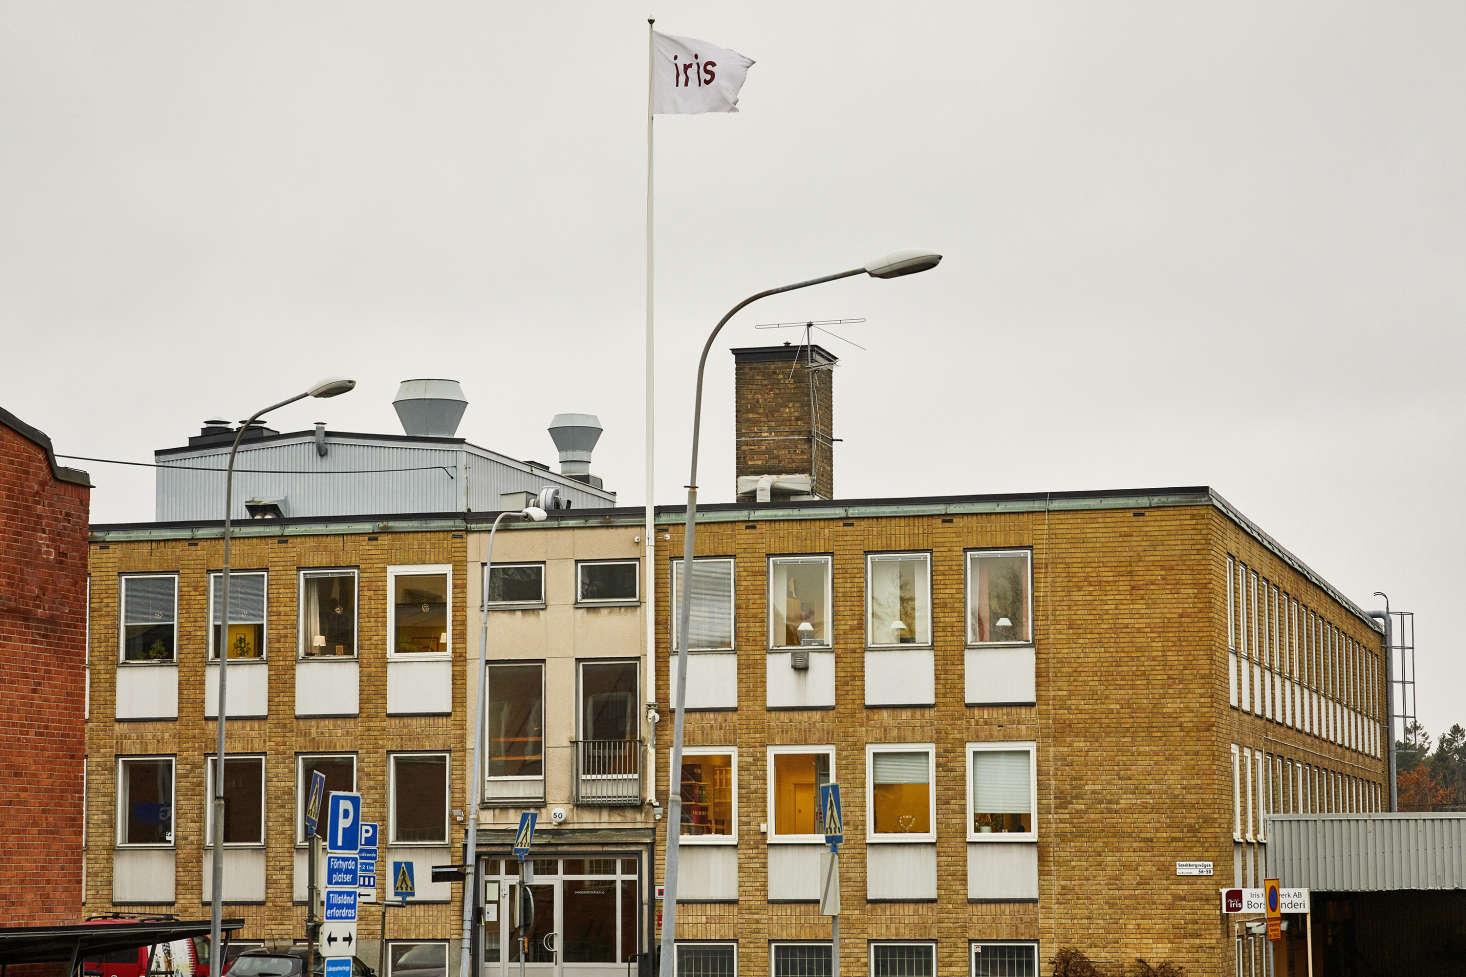 Studio Visit: The Iris Hantverk Workshop in Stockholm, Sweden